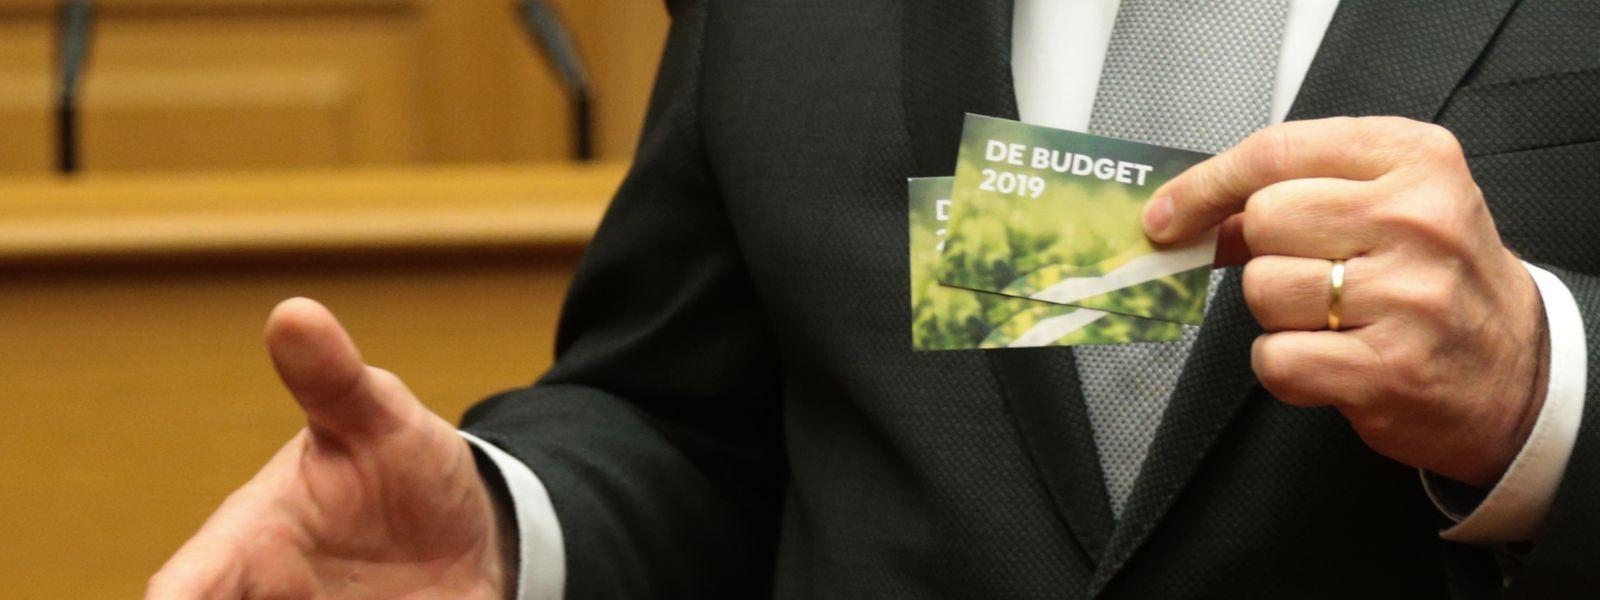 Der Haushaltsentwurf 2019 passt auf eine Visitenkarte mit einem QR Code.